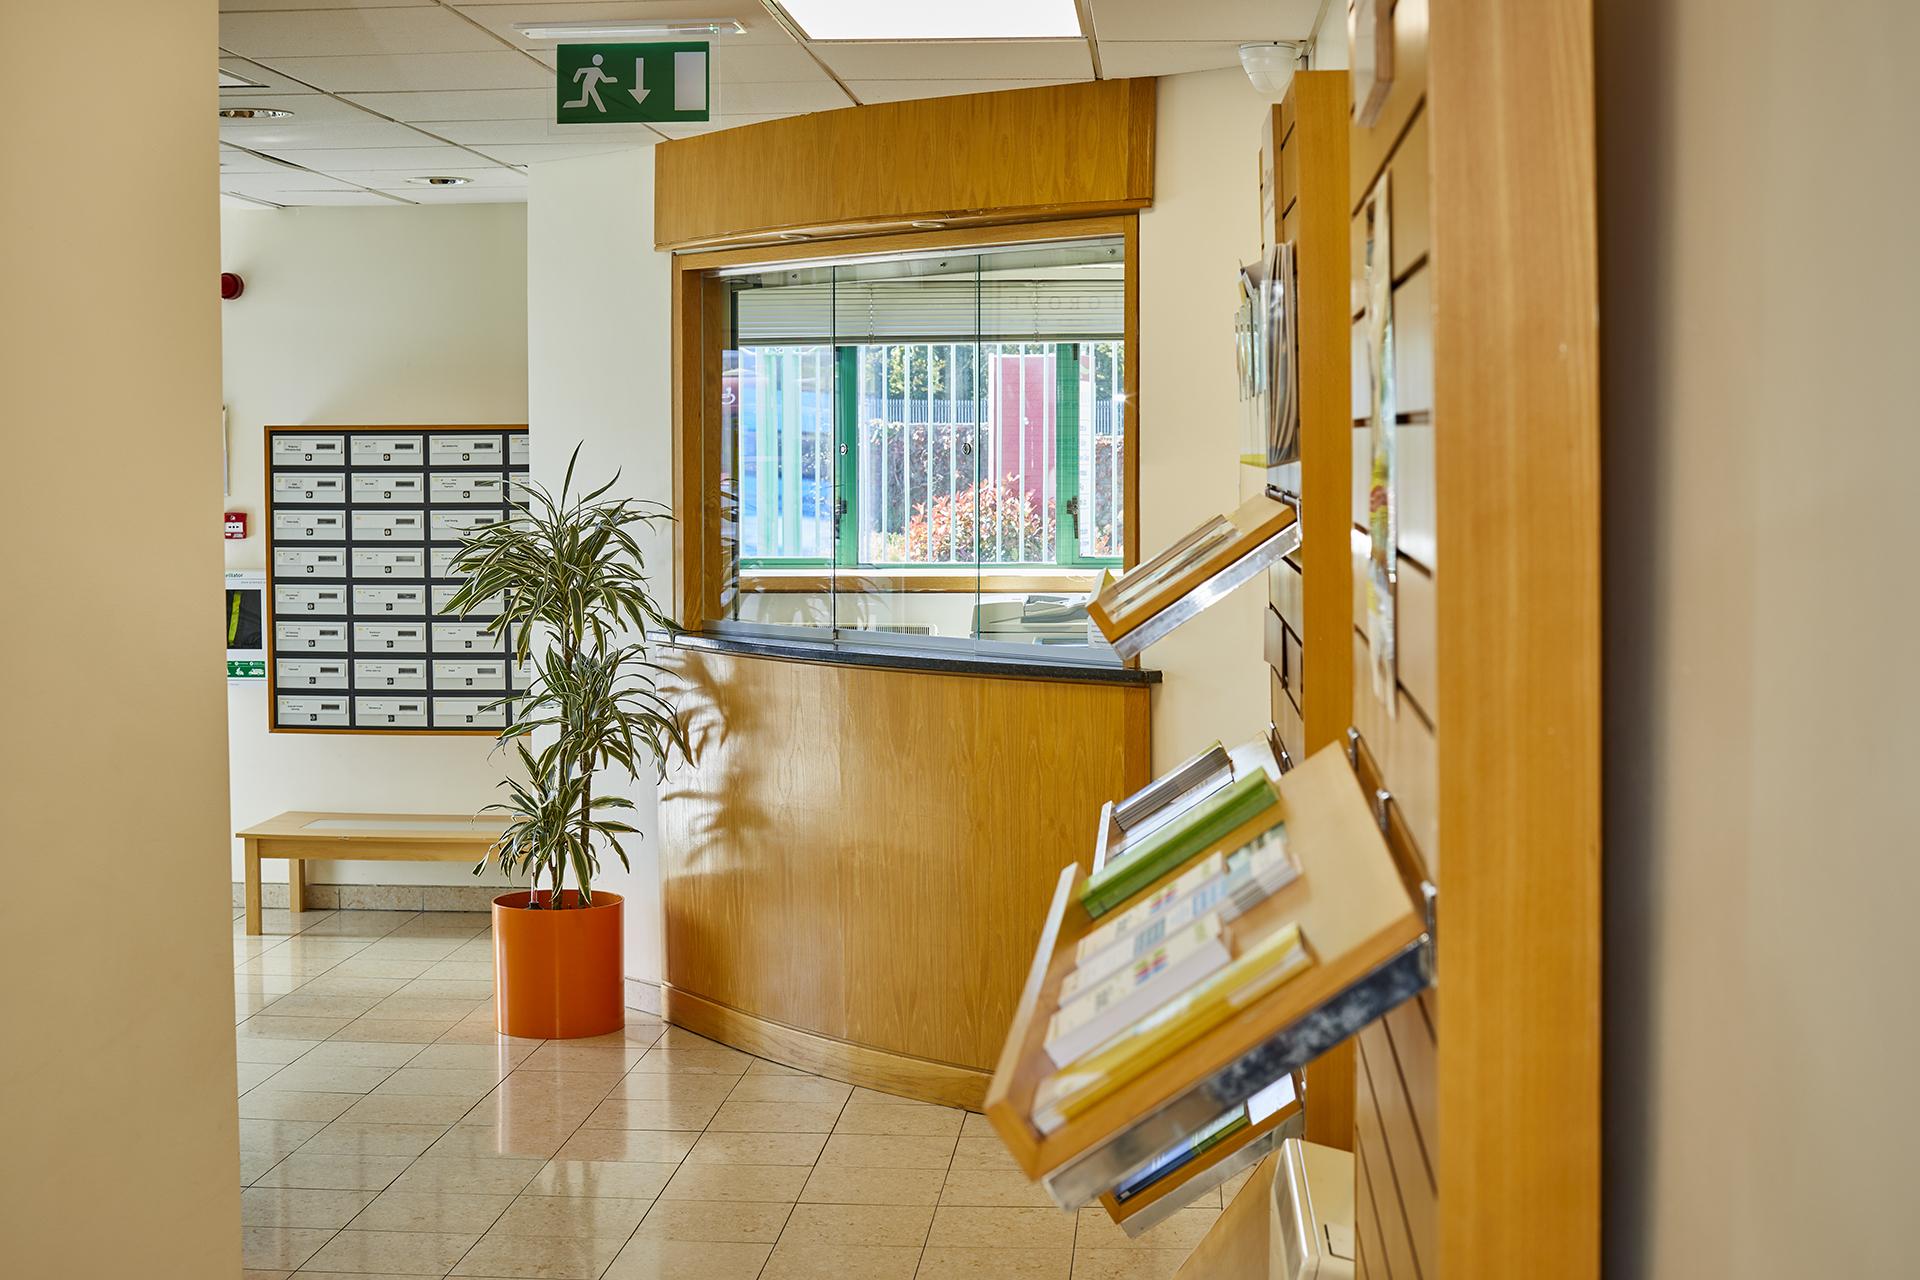 Nutgrove Community Enterprise Centre